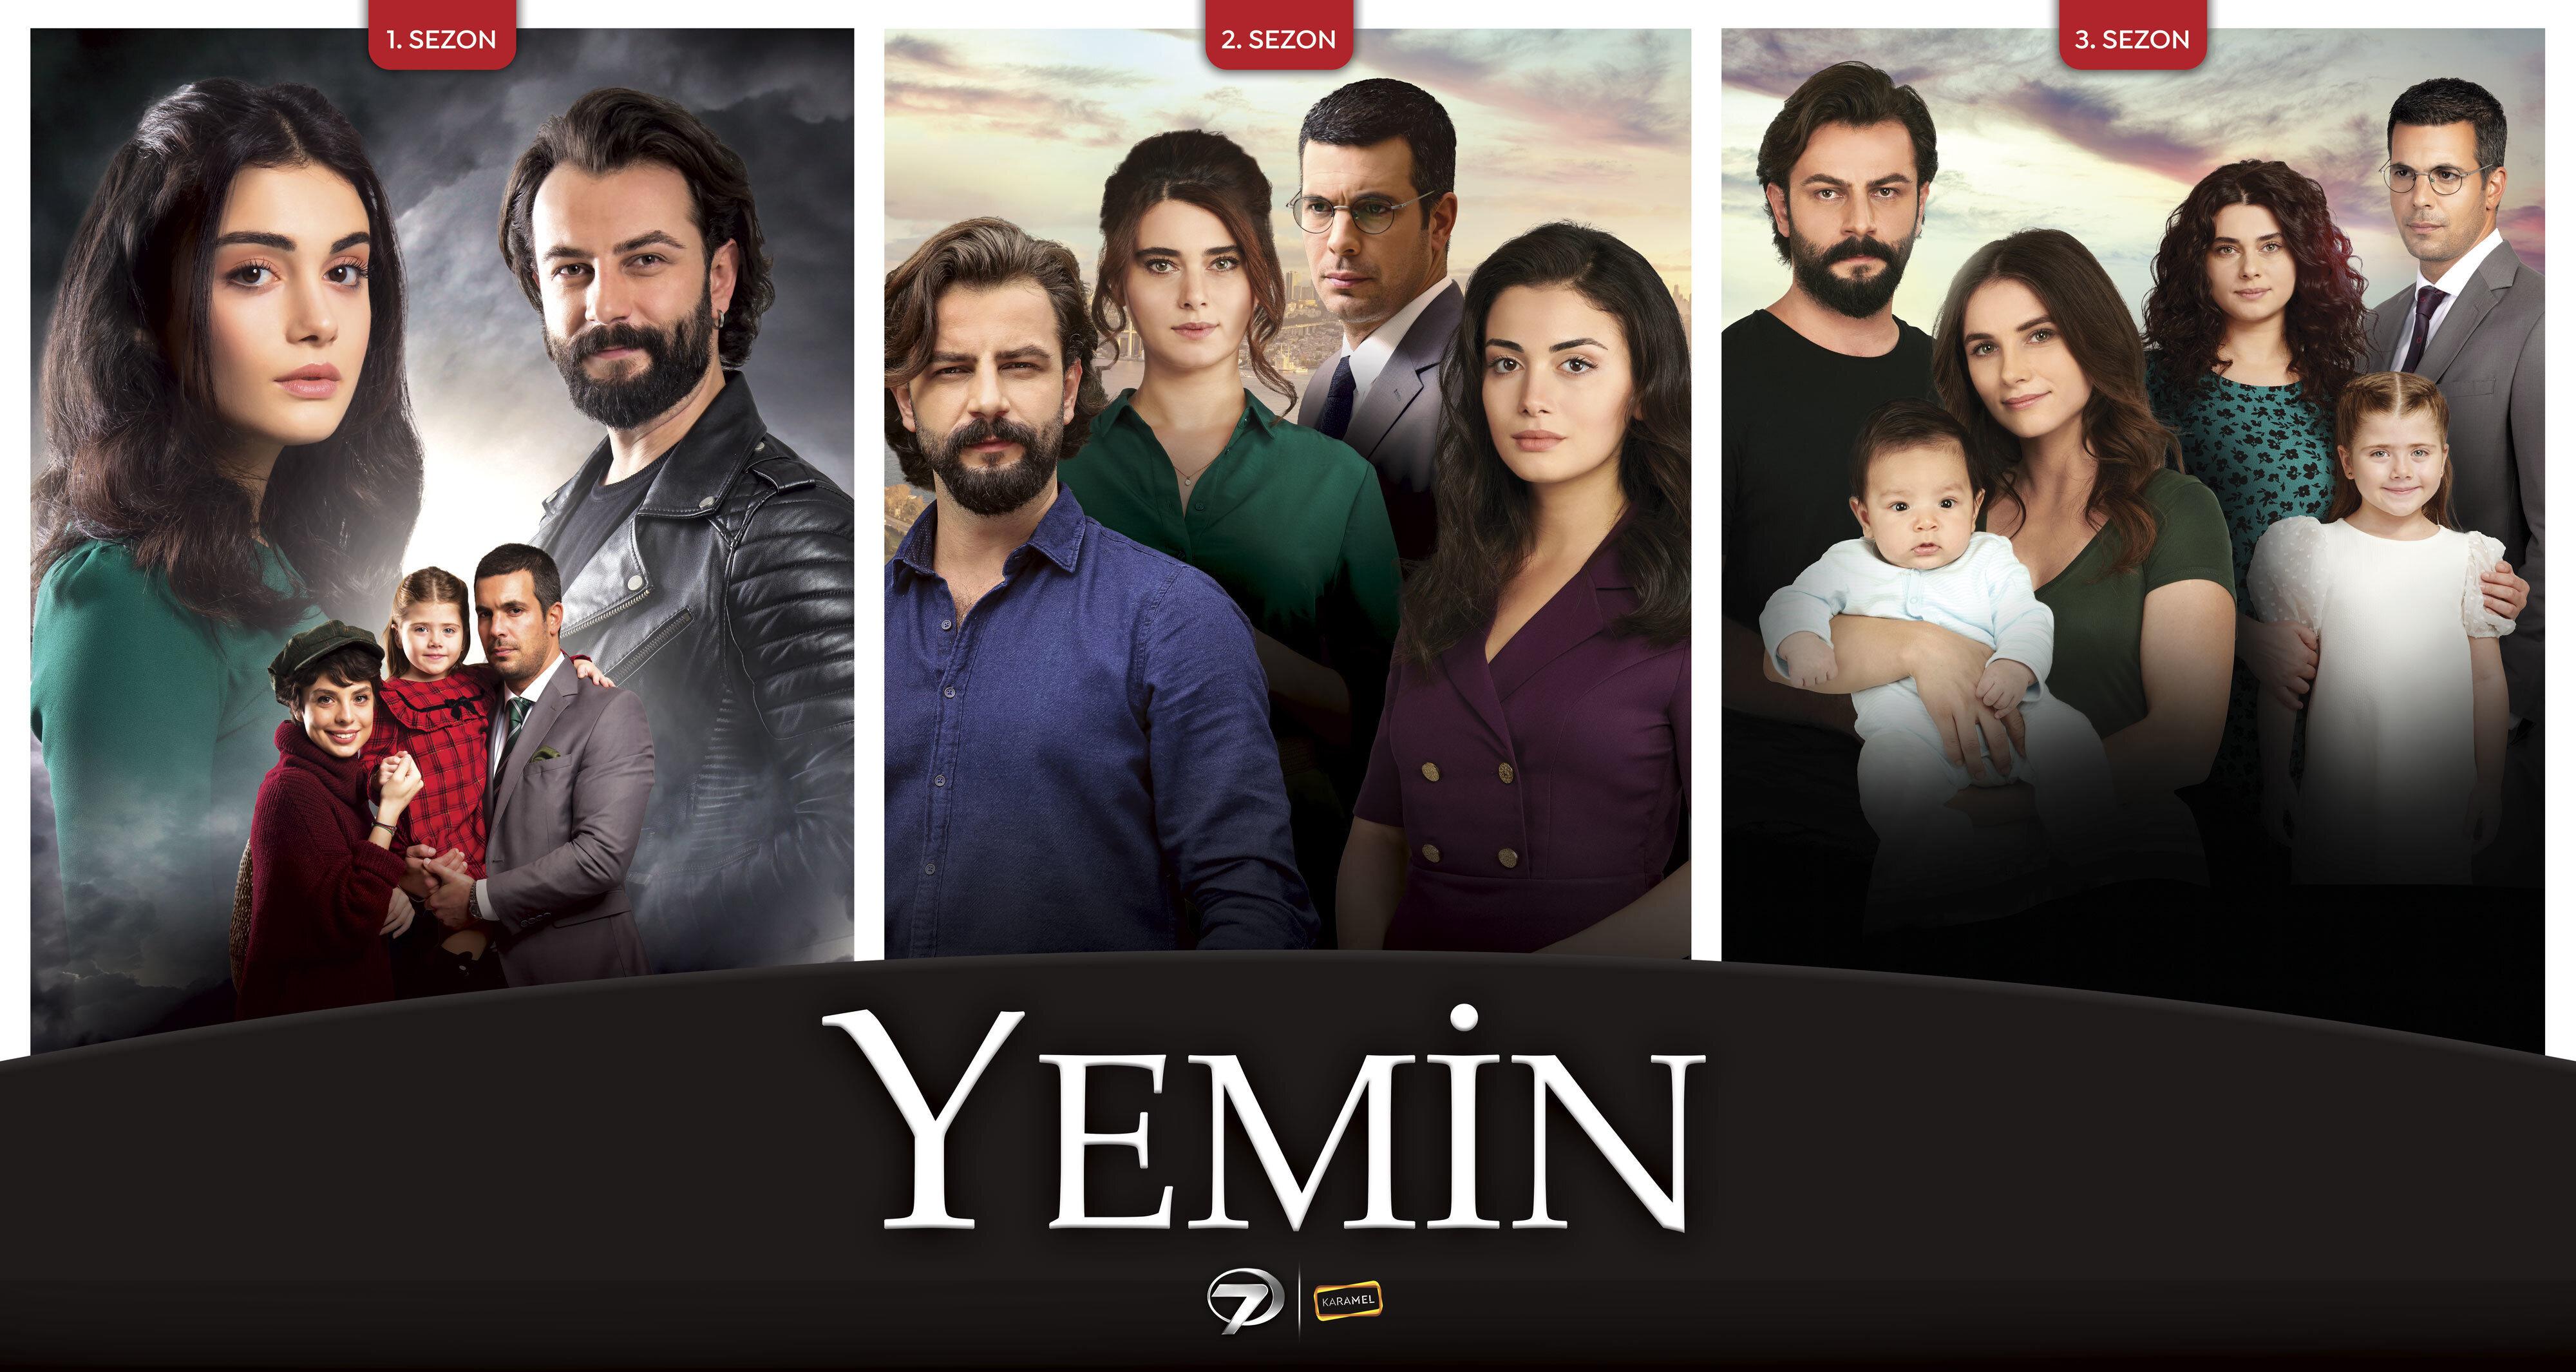 Üçüncü sezonunda olan Yemin dizisi 333 bölümü geride bıraktı.